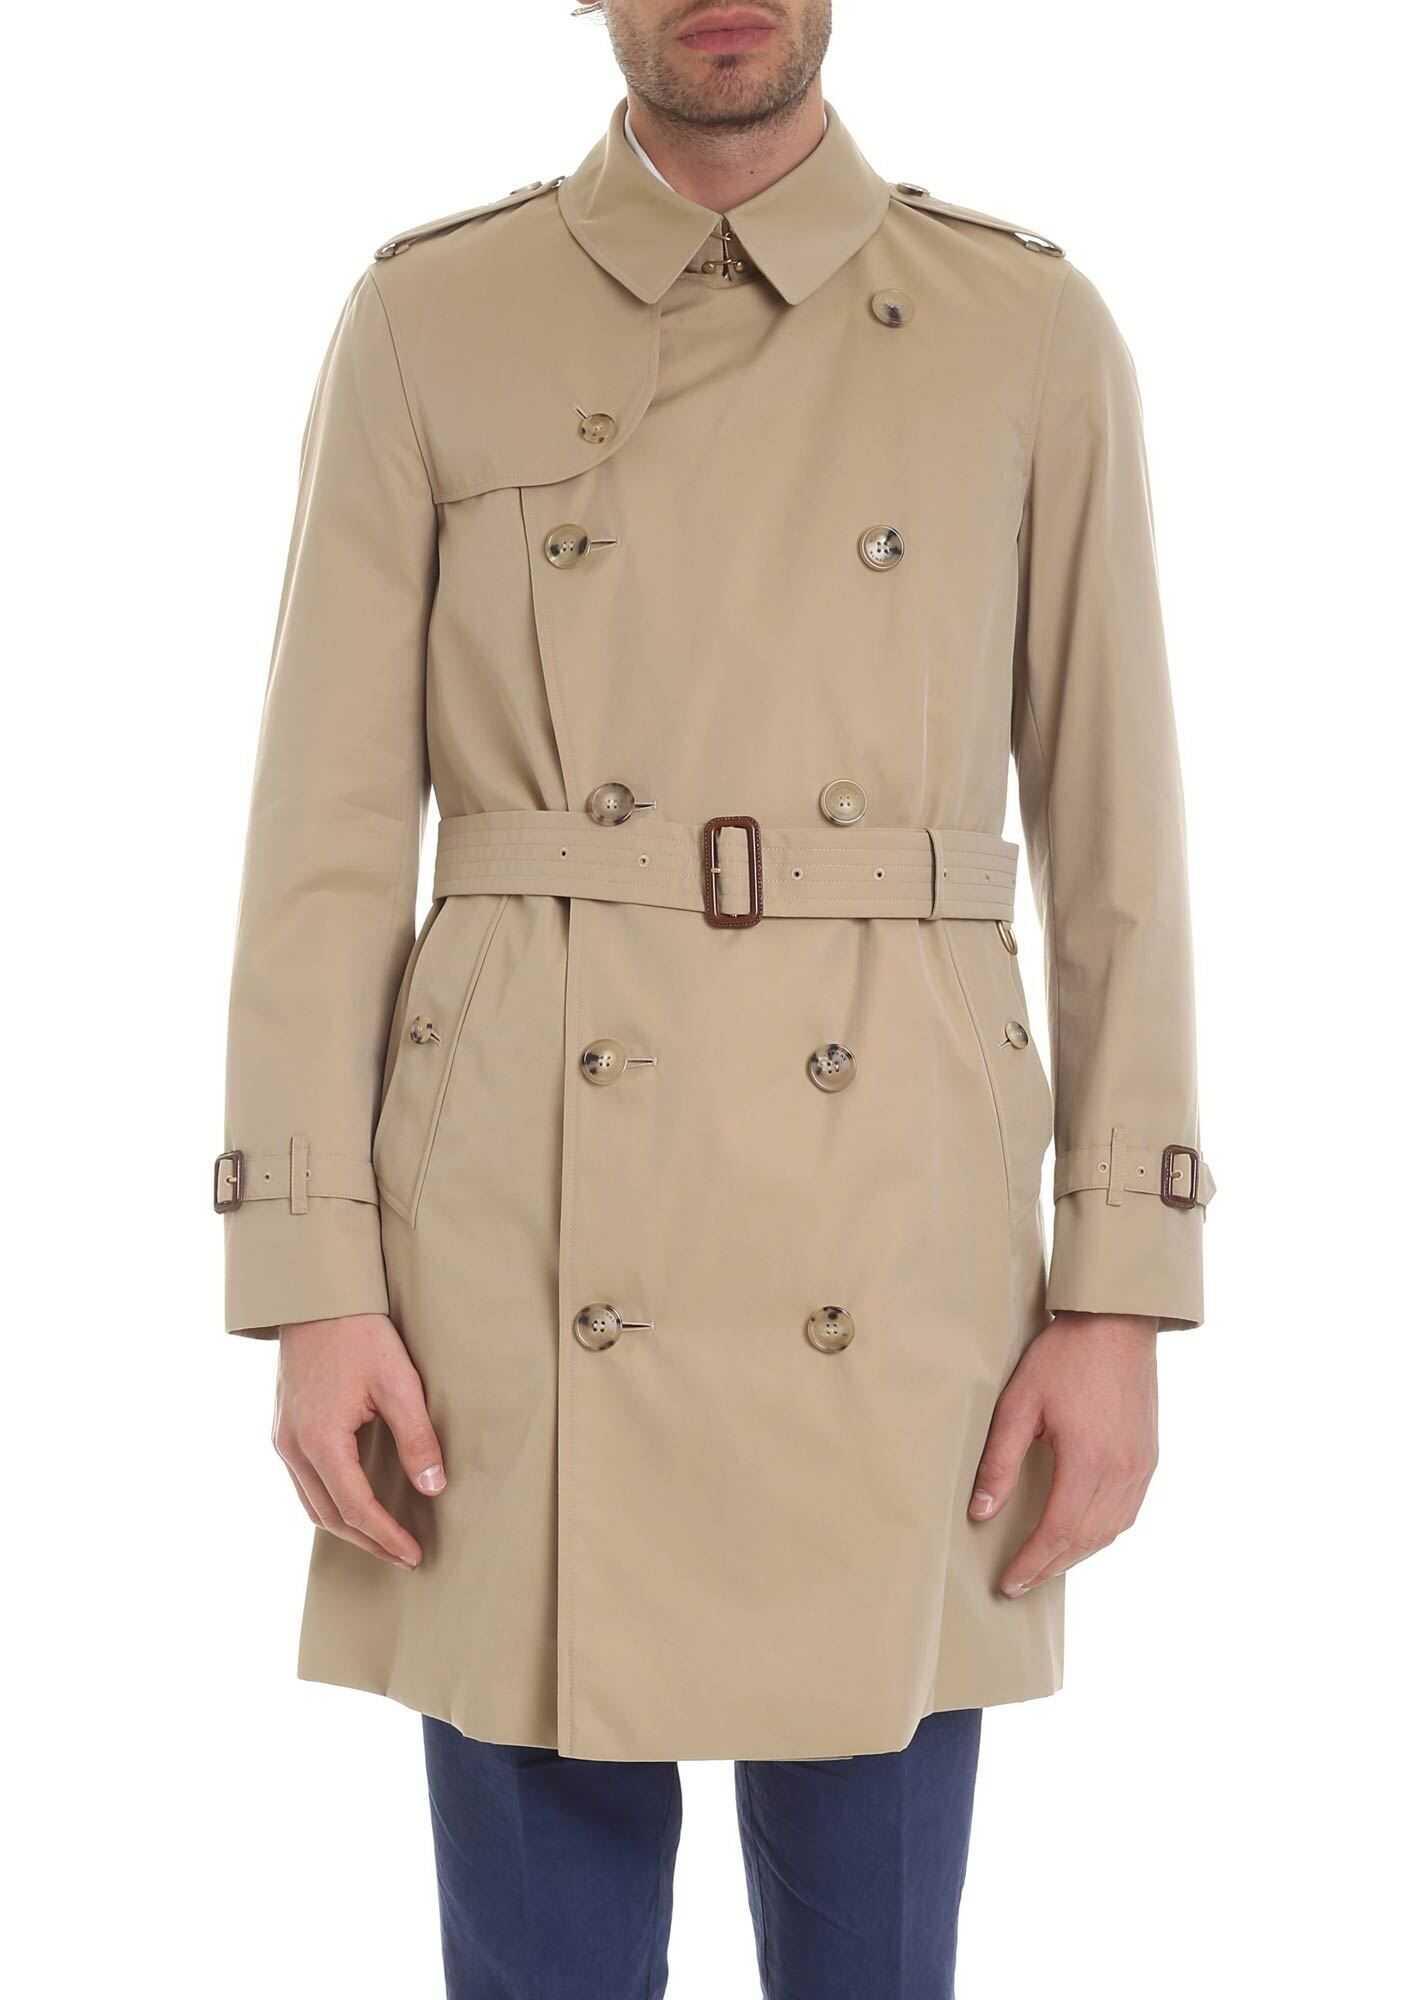 Burberry Chelsea Trench Coat In Beige Beige